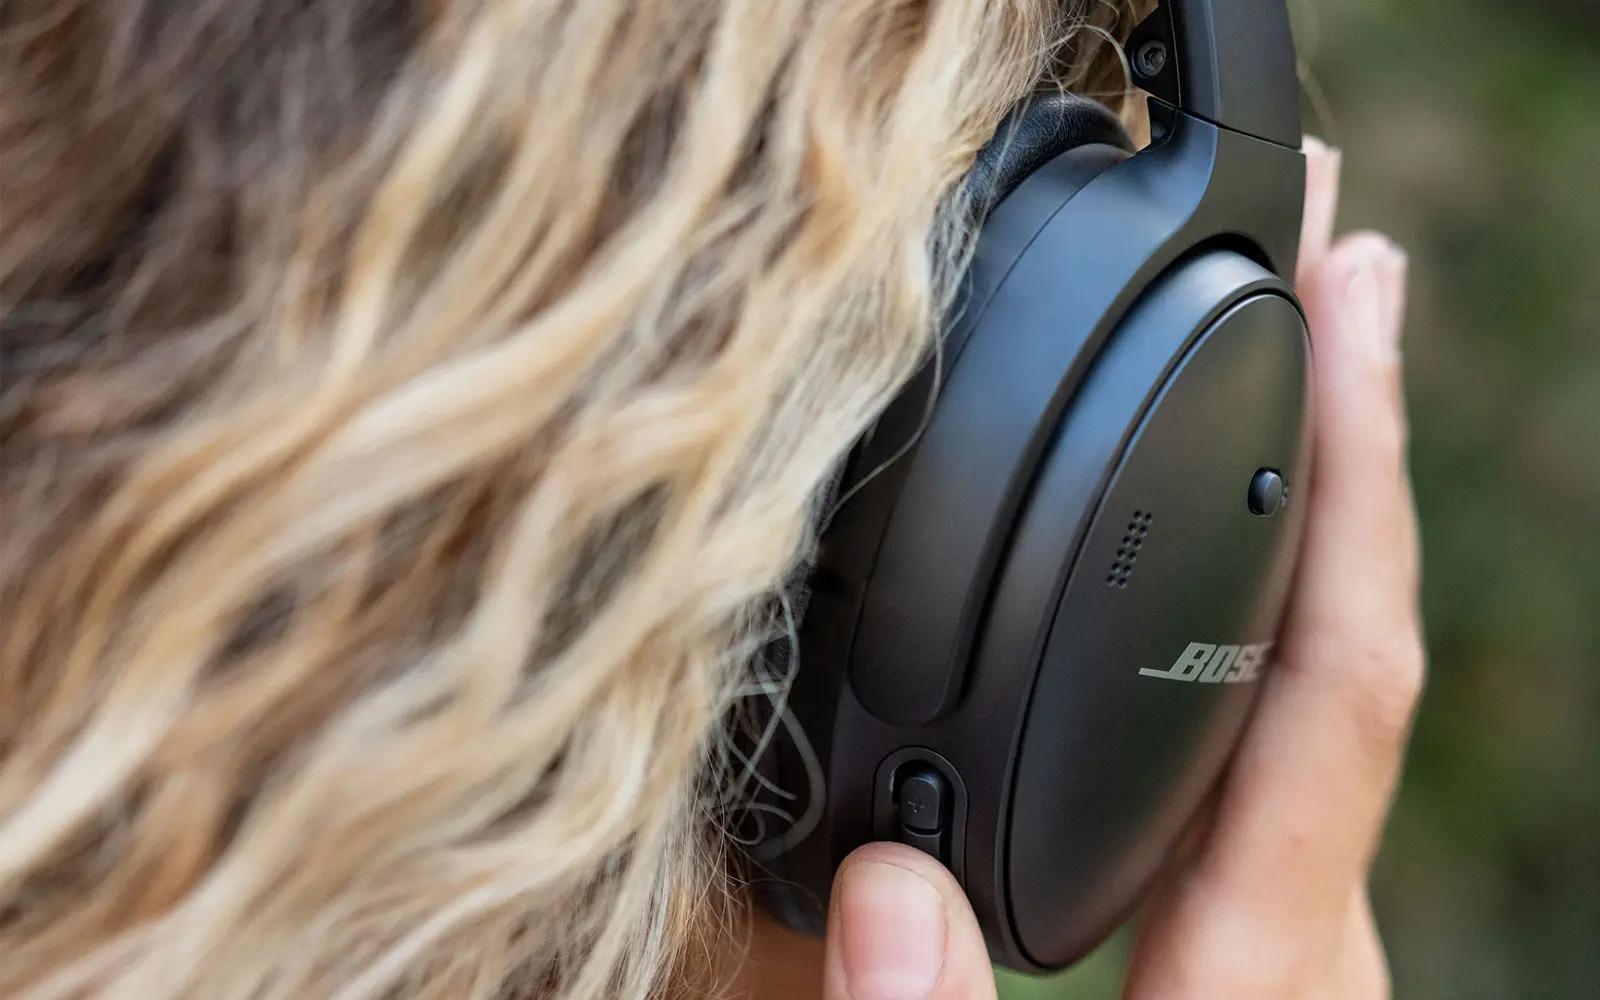 Bose ra mắt tai nghe QuietComfort 45 mới cải thiện âm thanh, có cổng USB-C,pin 24 tiếng